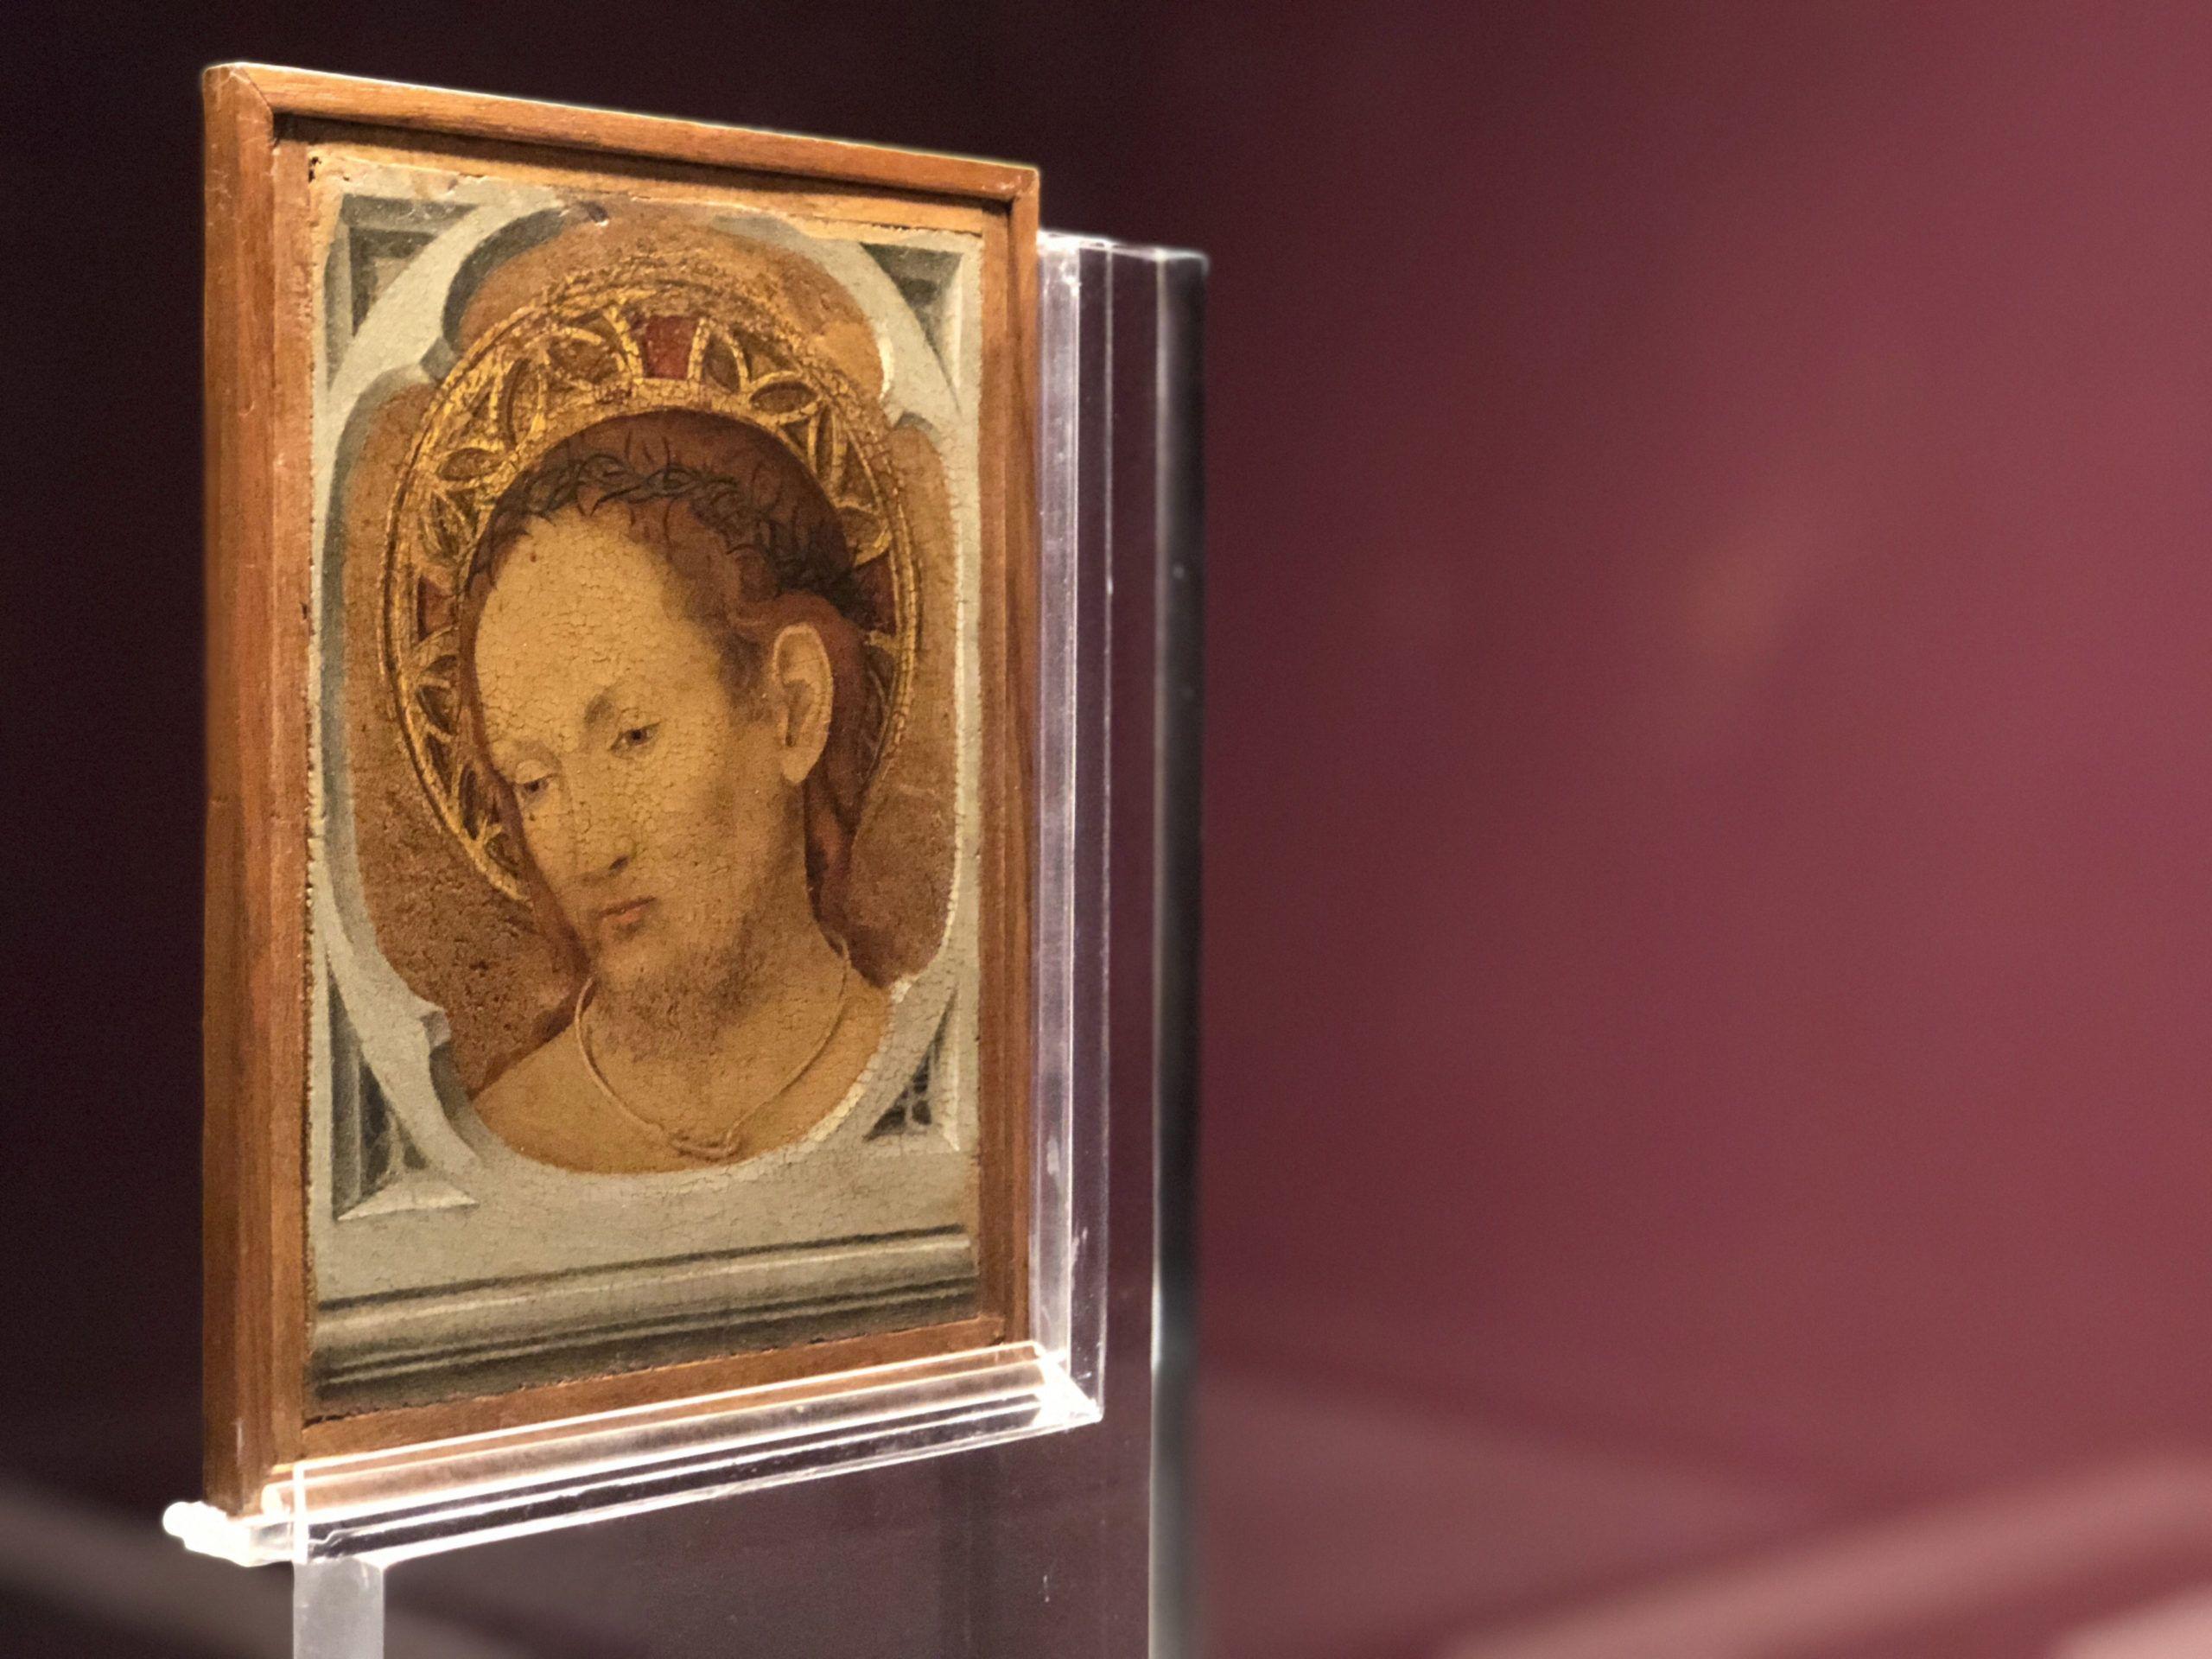 """La mostra """"Da Giotto a de Chirico"""" ospitata a Catania si arricchisce della """"Tavola Bifronte"""" di Antonello da Messina"""